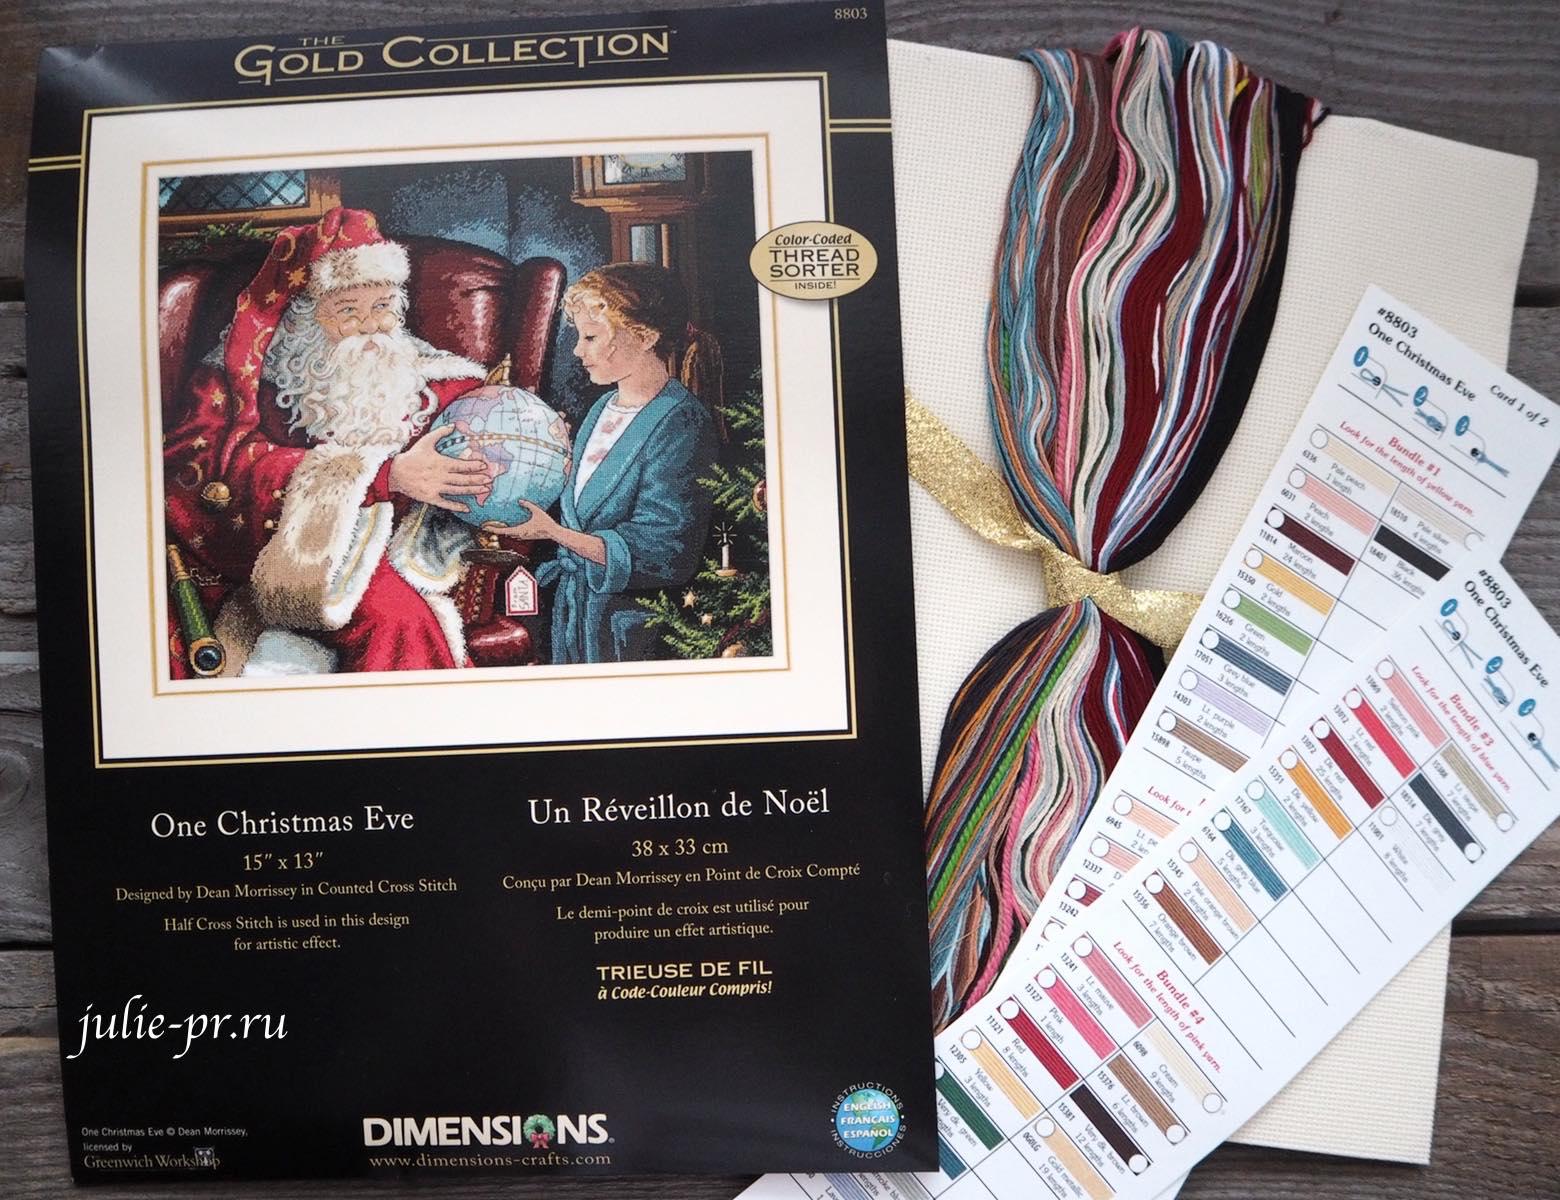 Dimensions 8803, One Christmas Eve, вышивка крестом, в канун рождества, Санта с глобусом, раритетный набор, в сочельник, перевыпуск